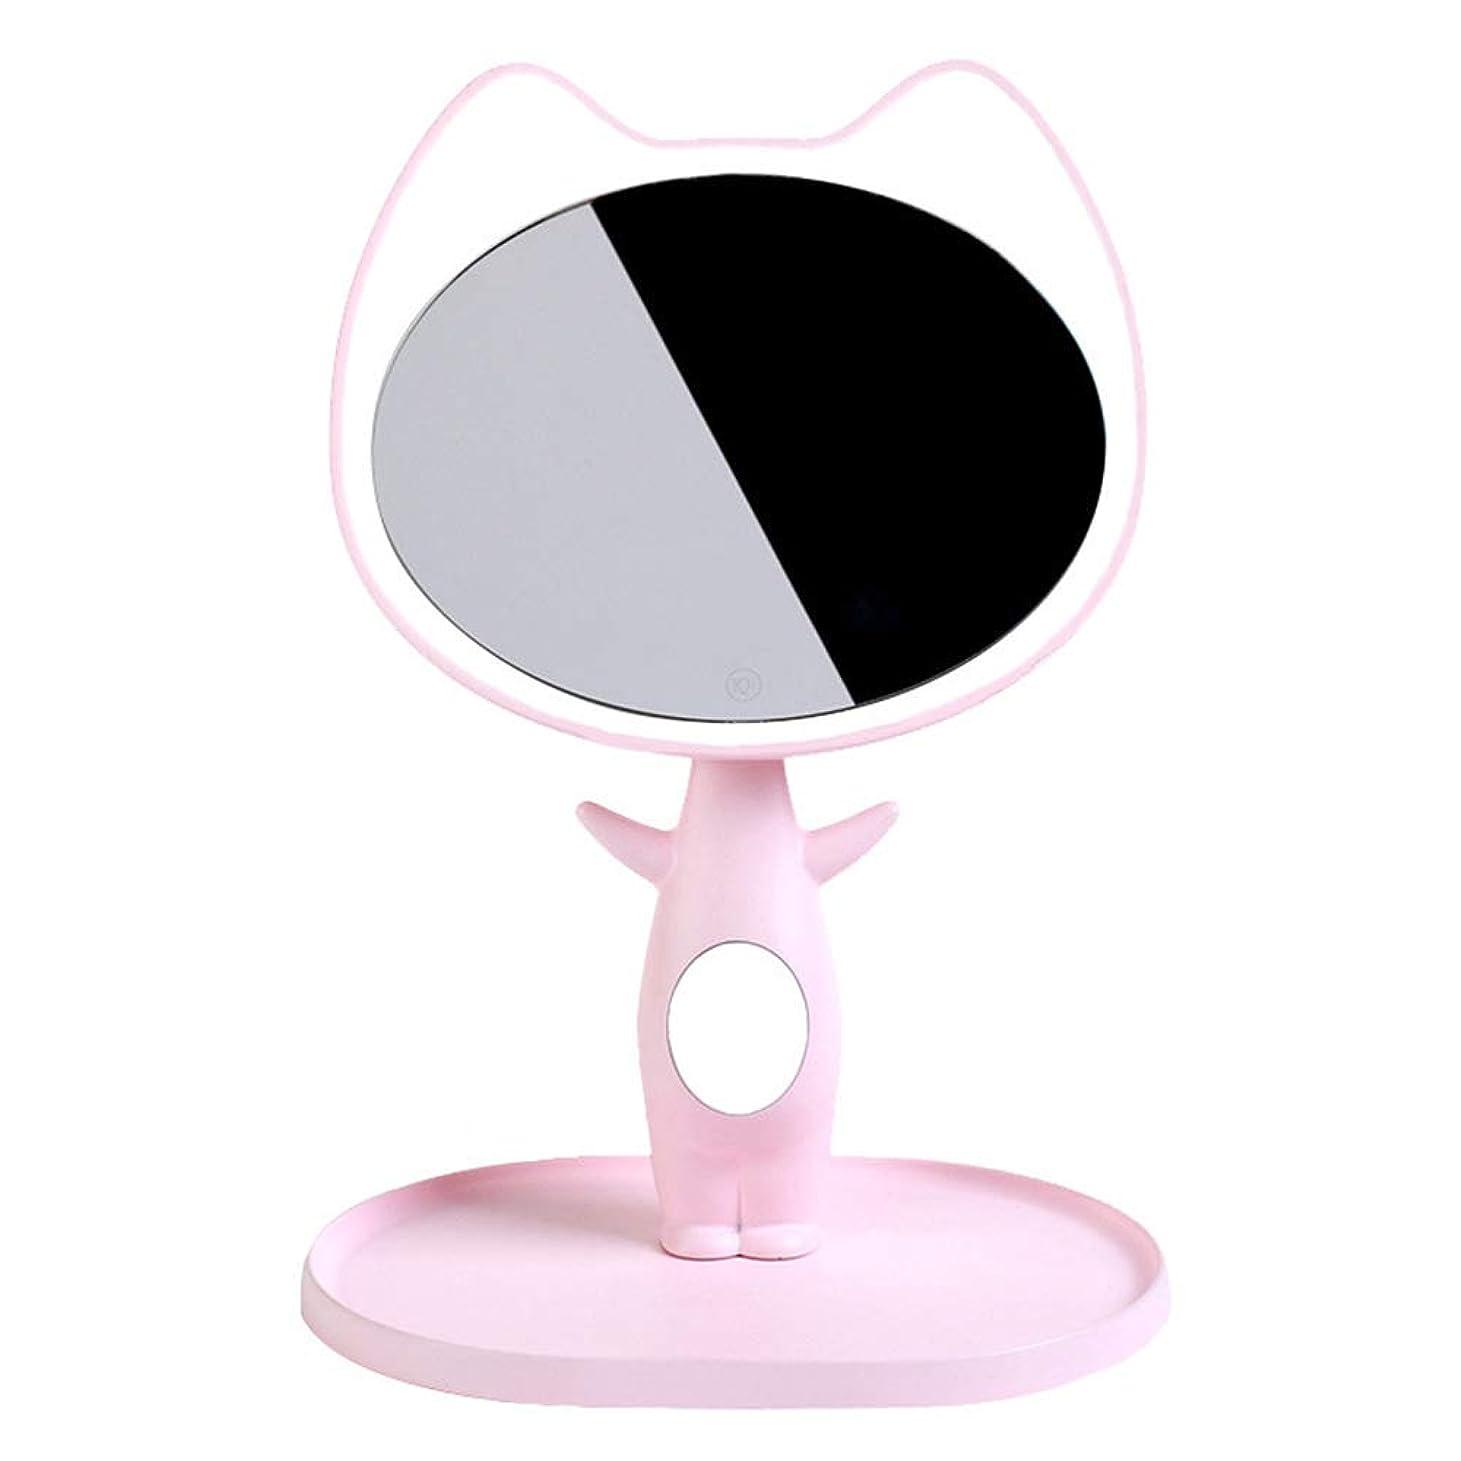 印をつける溶融バウンス化粧鏡テーブルランプ装飾化粧台ミラーライト - タッチスイッチ - LED調光対応